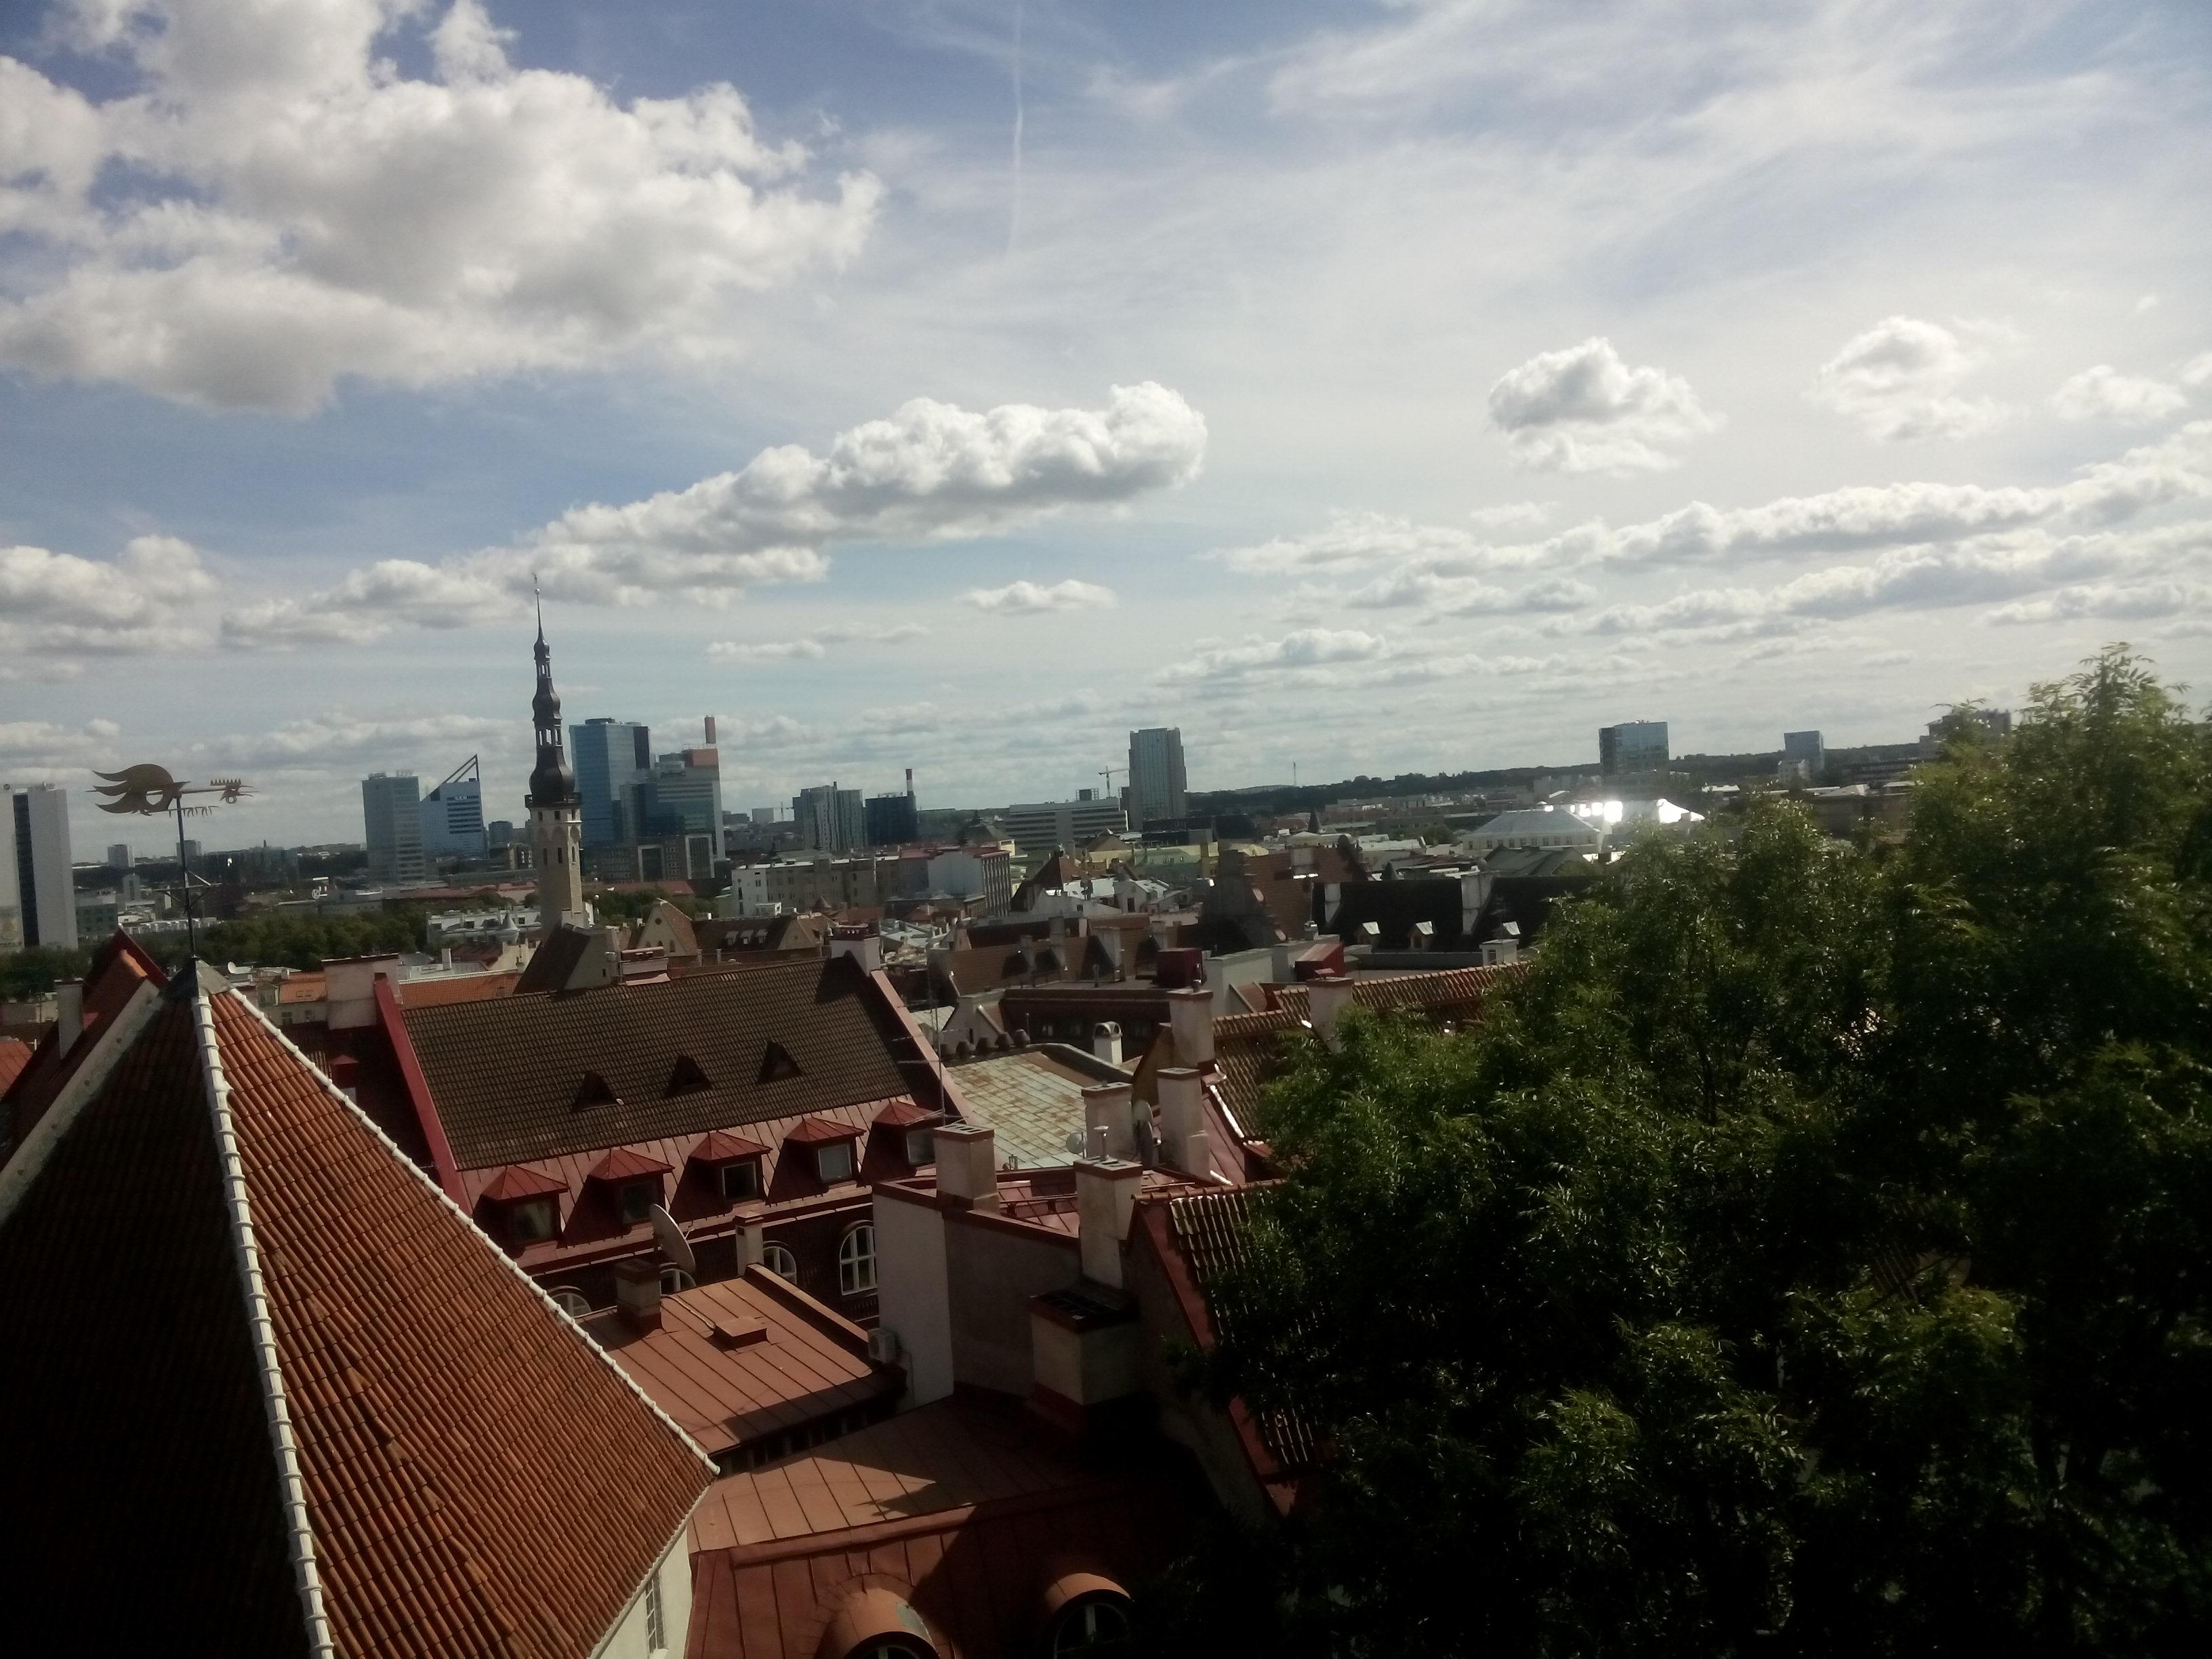 https://i.amy.gy/201808-estonia/IMG_20180811_132923.jpg